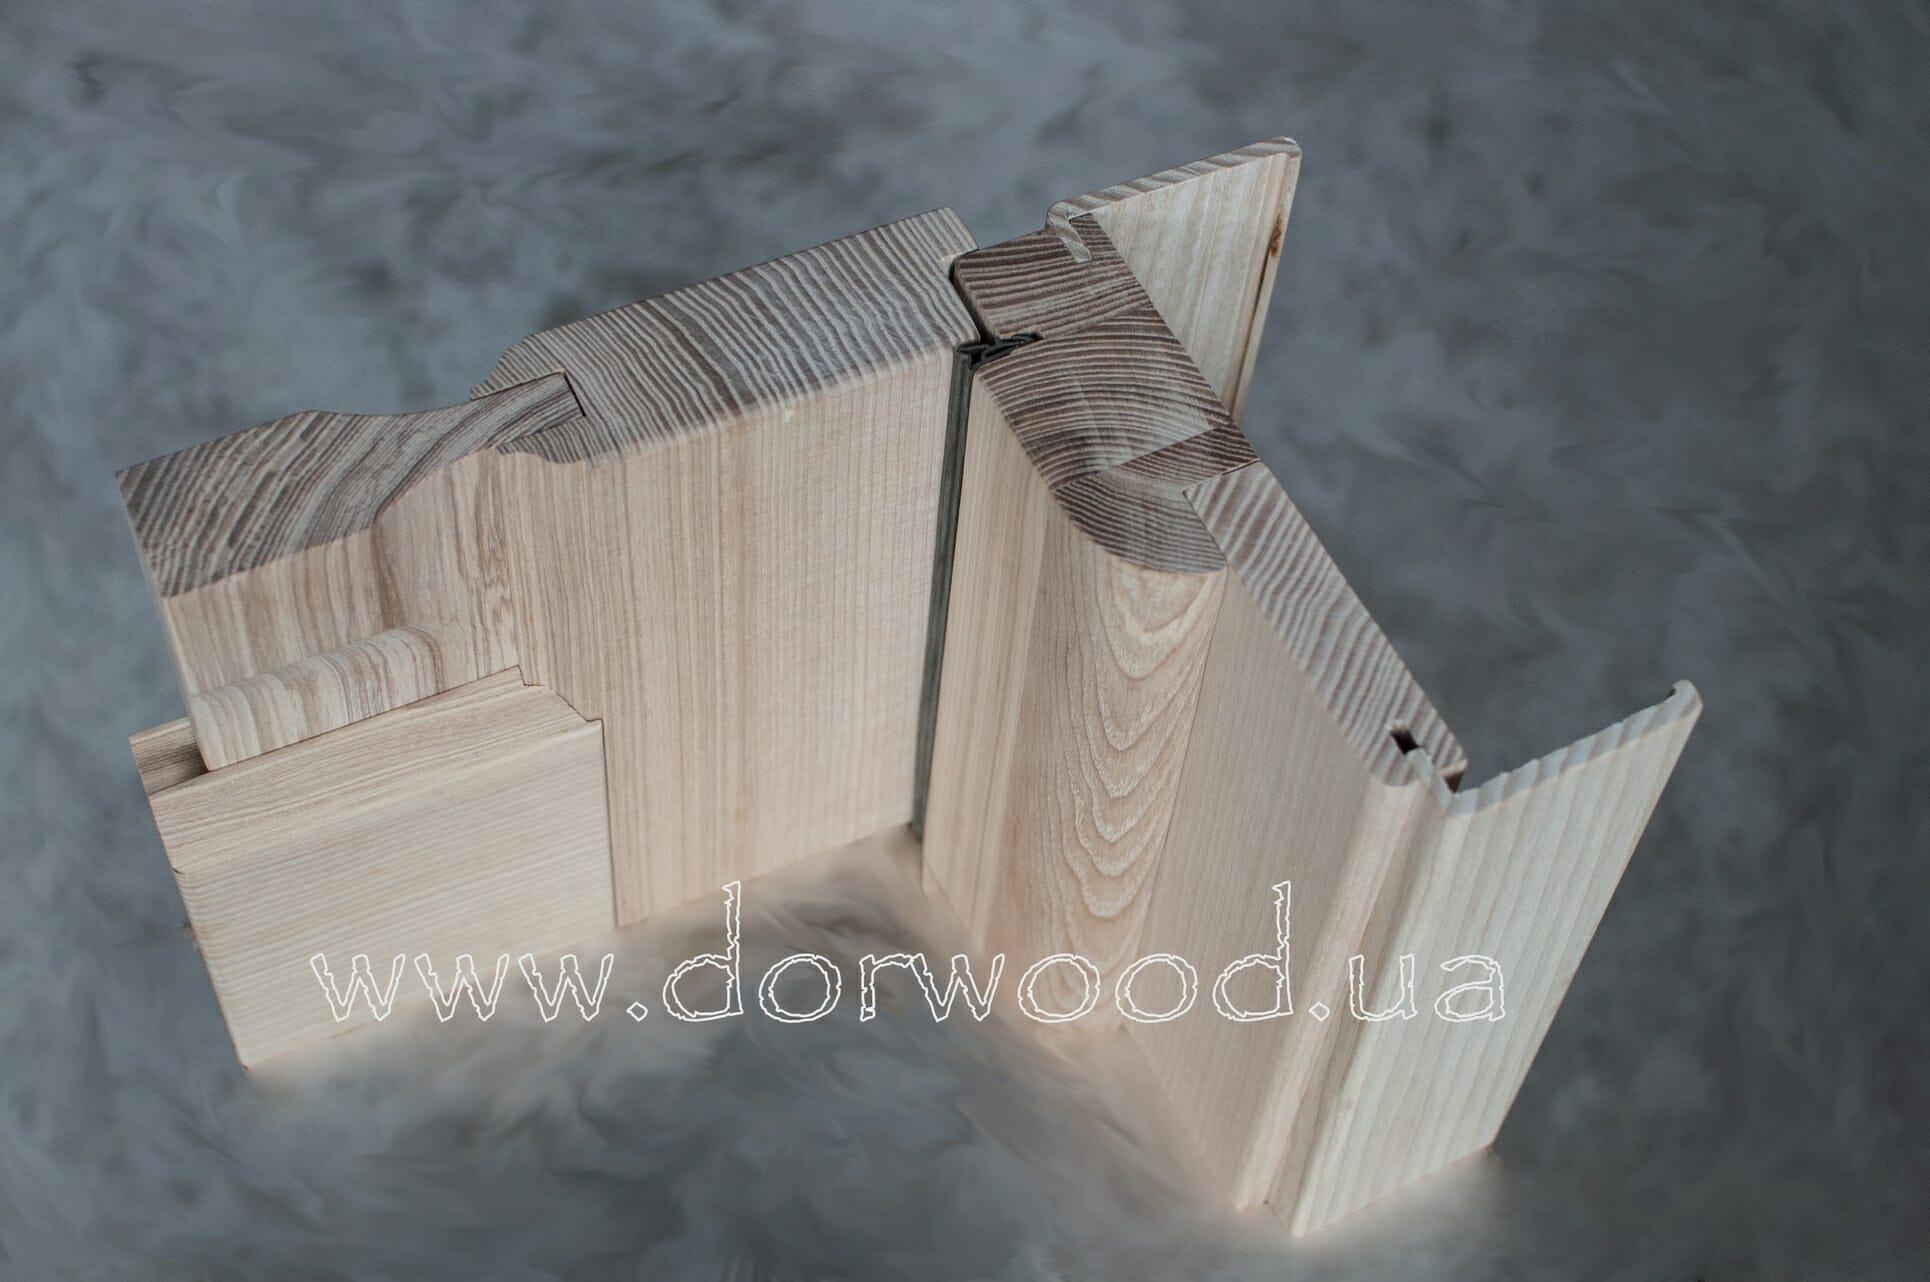 дверная коробка, дверь в разрезе, схема двери в разрезе, короб, добор, телескопический наличник, дверное полотно с наплывом_3.1.5..